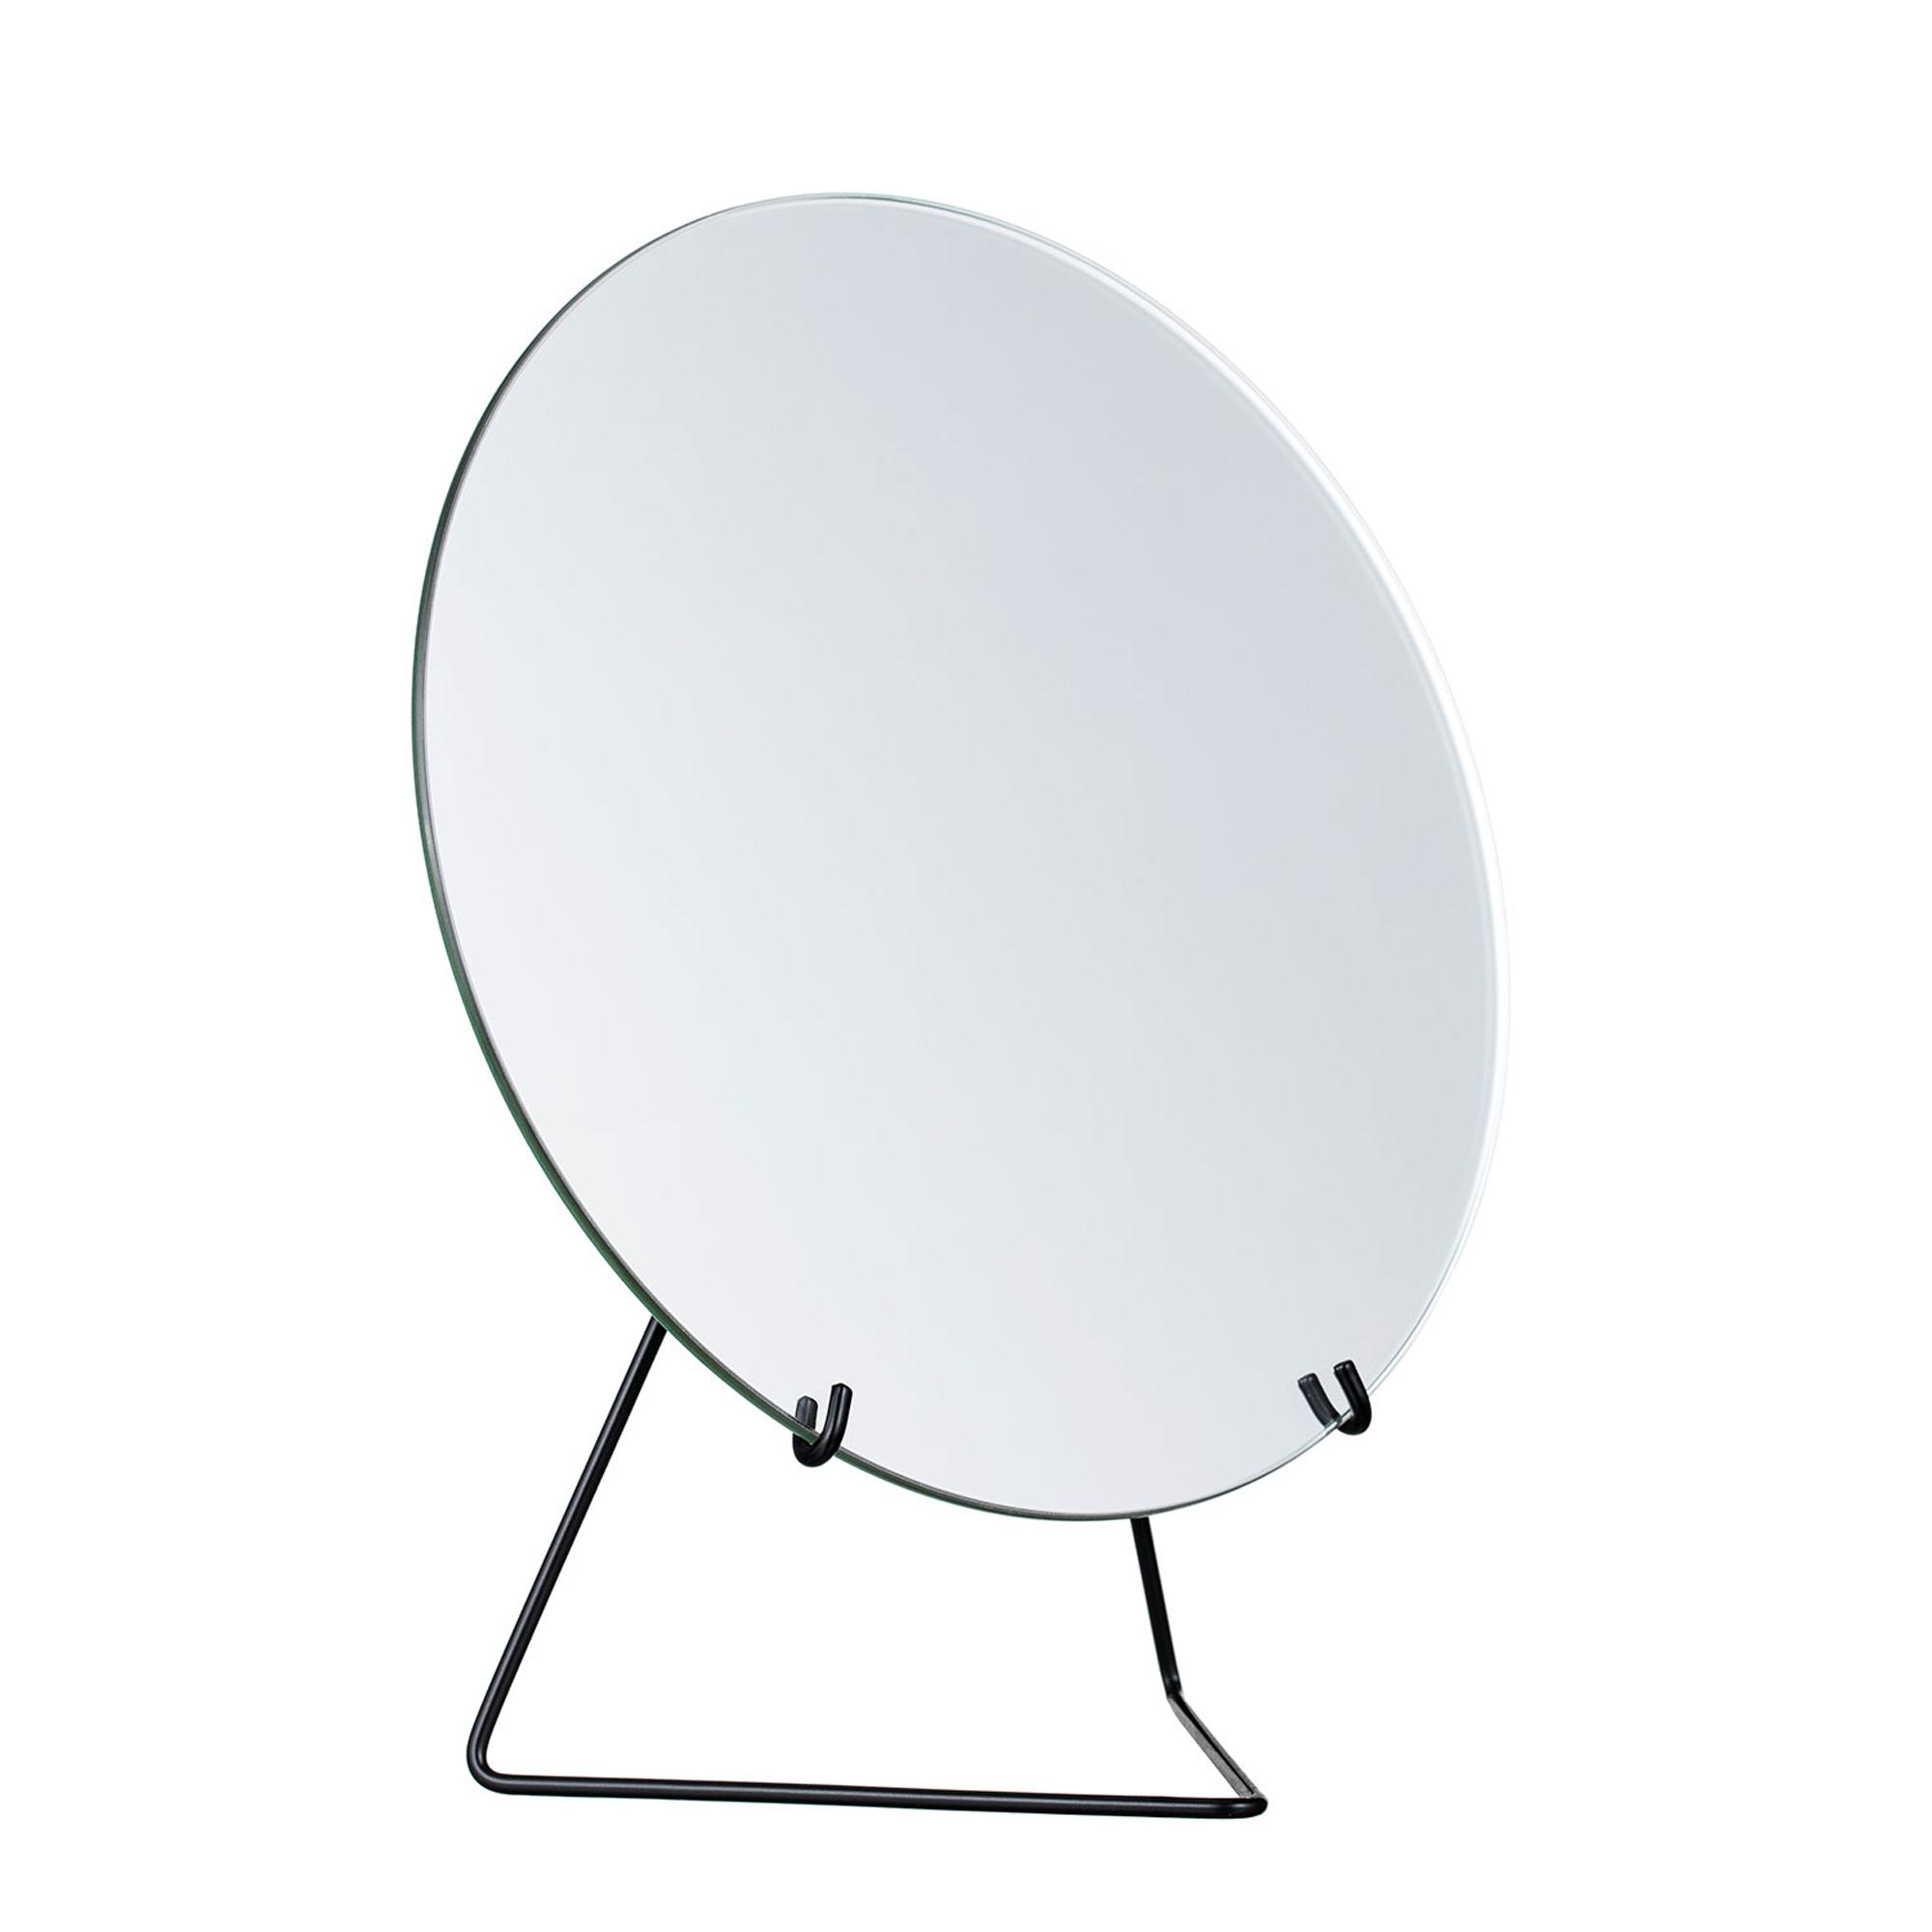 Moebe Spegel på fot 30 cm svart